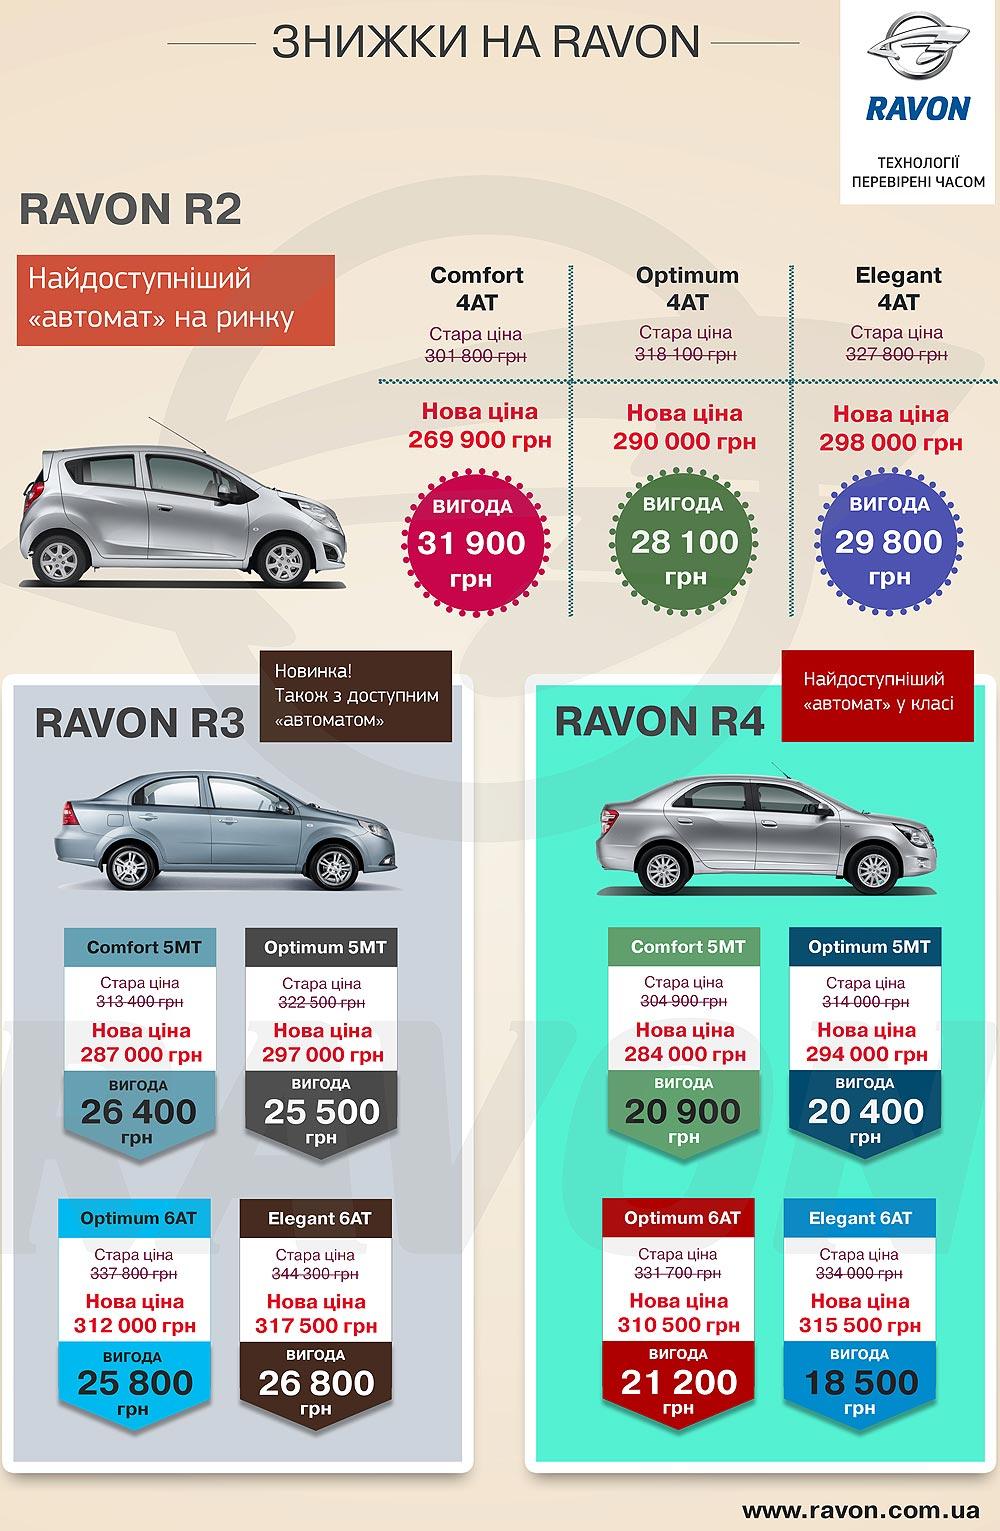 Скидки на Ravon. Выгода может достигать более 31 000 гривен. Инфографика - Ravon